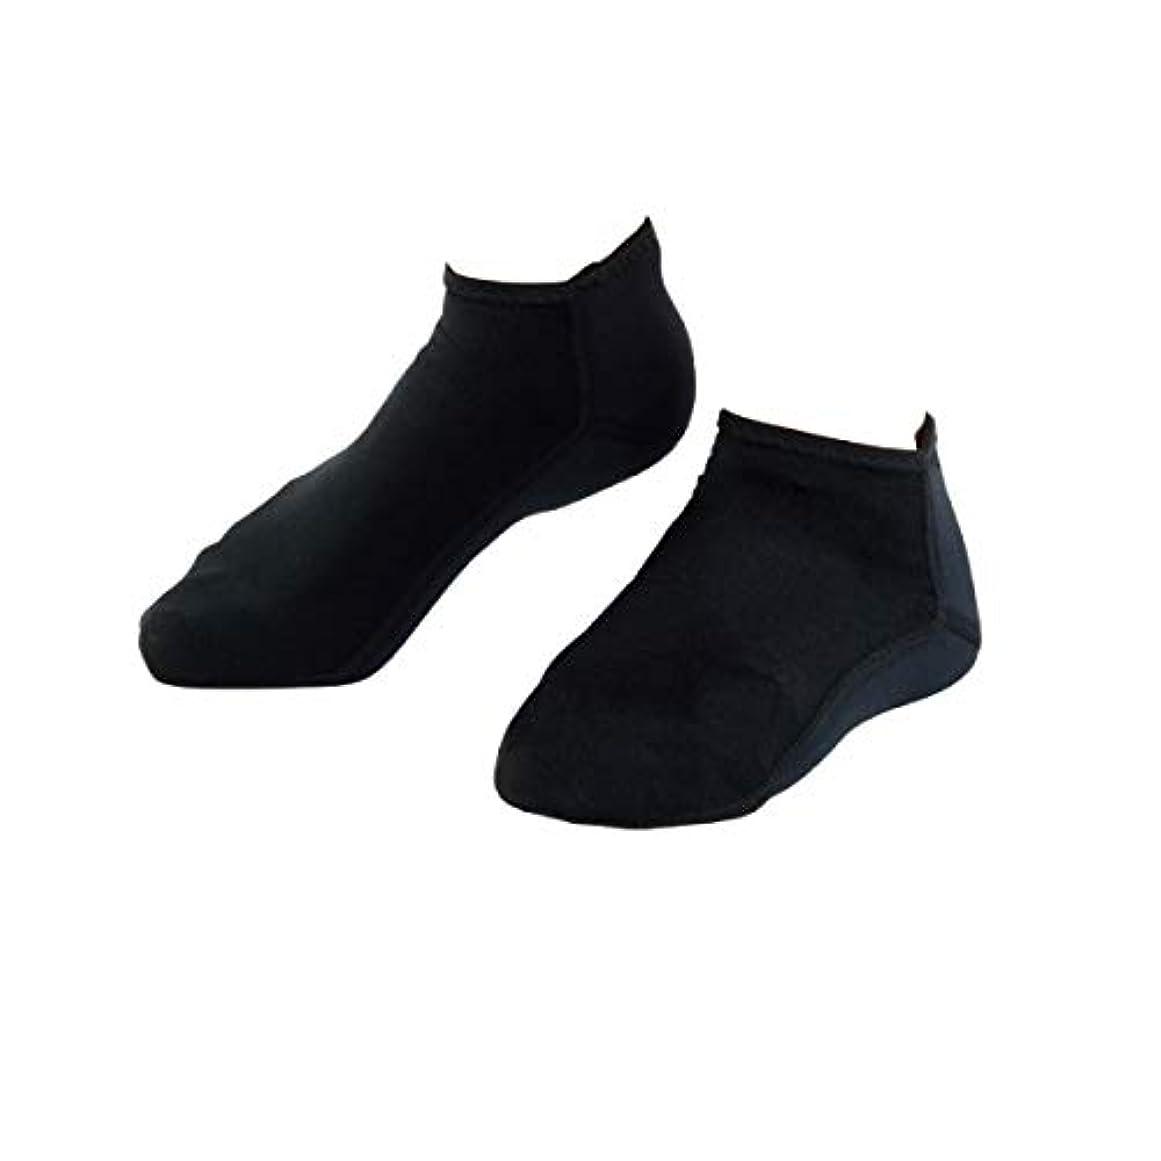 靴下 かかと 保湿 チタン 素足小町 フル